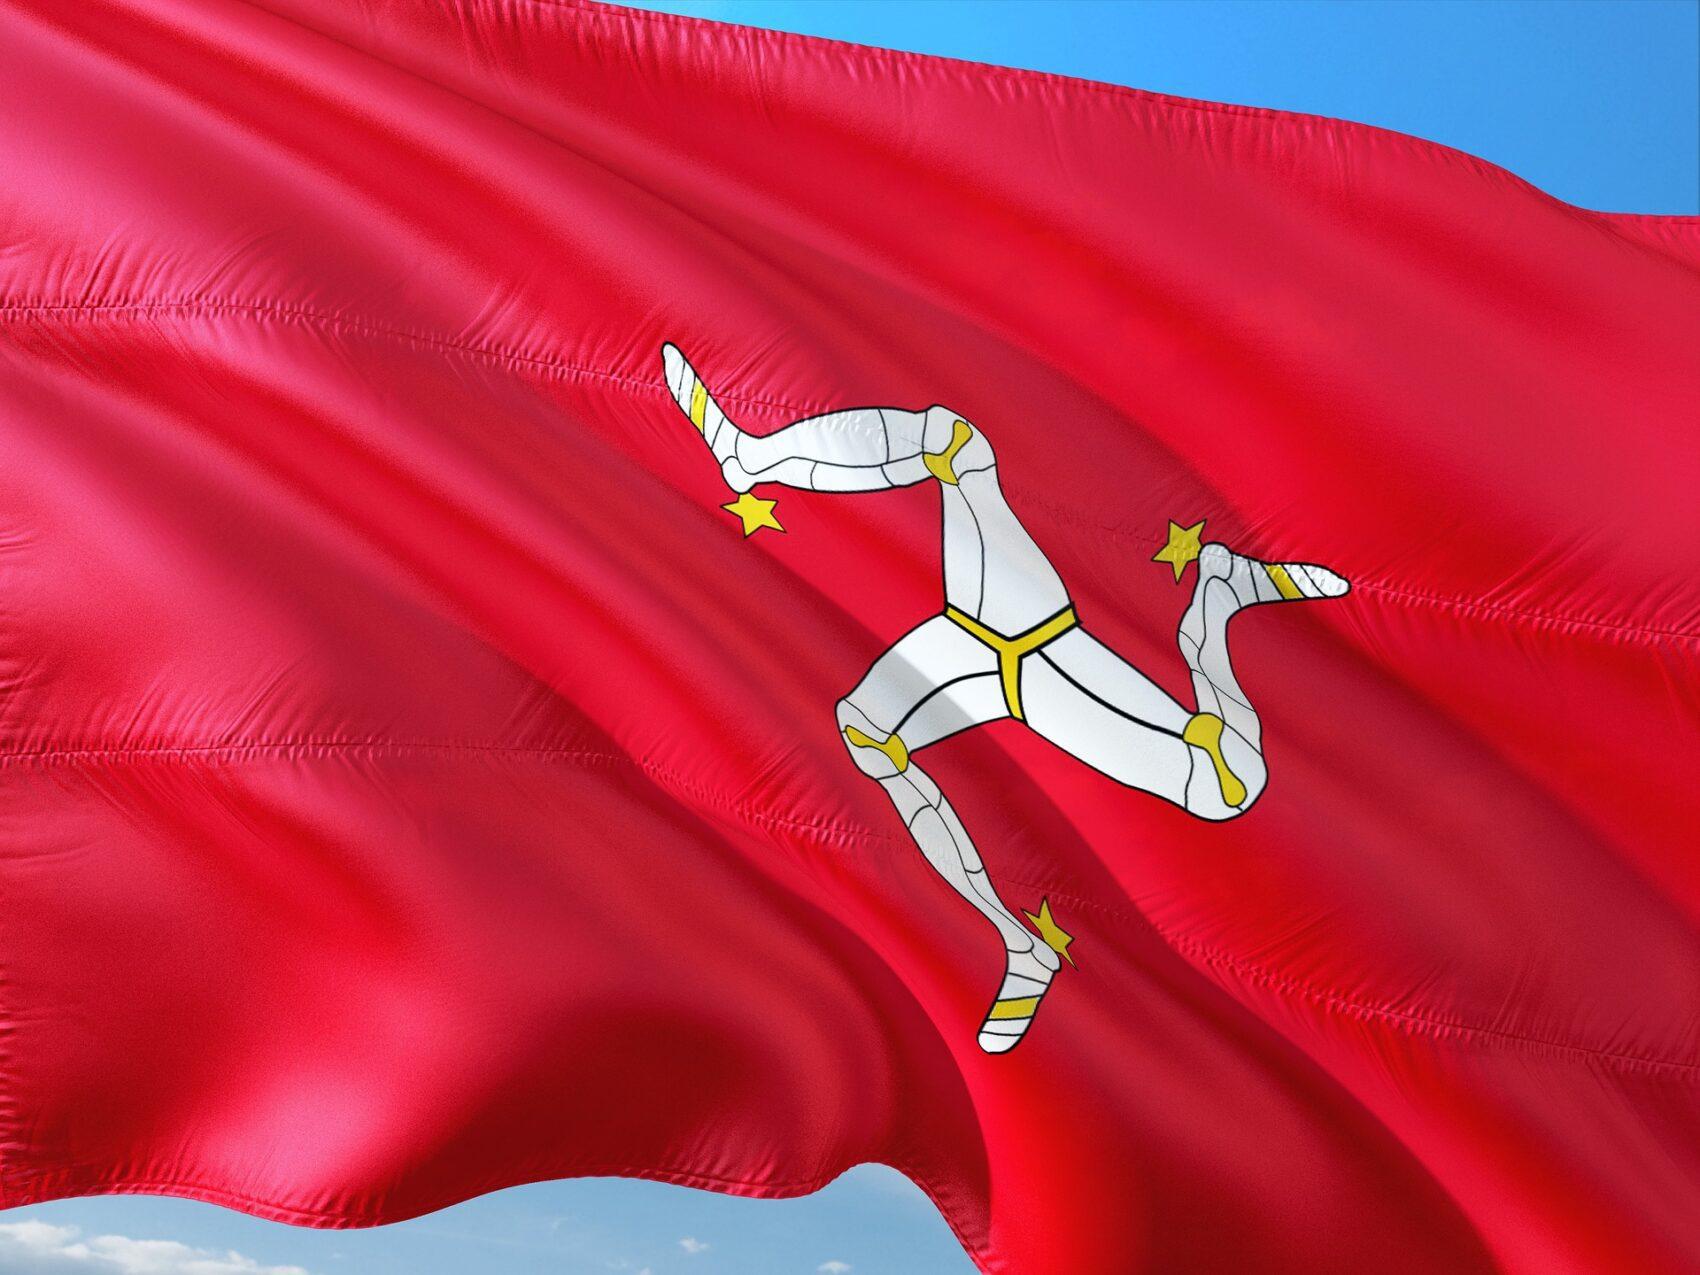 Isle of Man Kryptowährung und digitales Unternehmen zu verkaufen